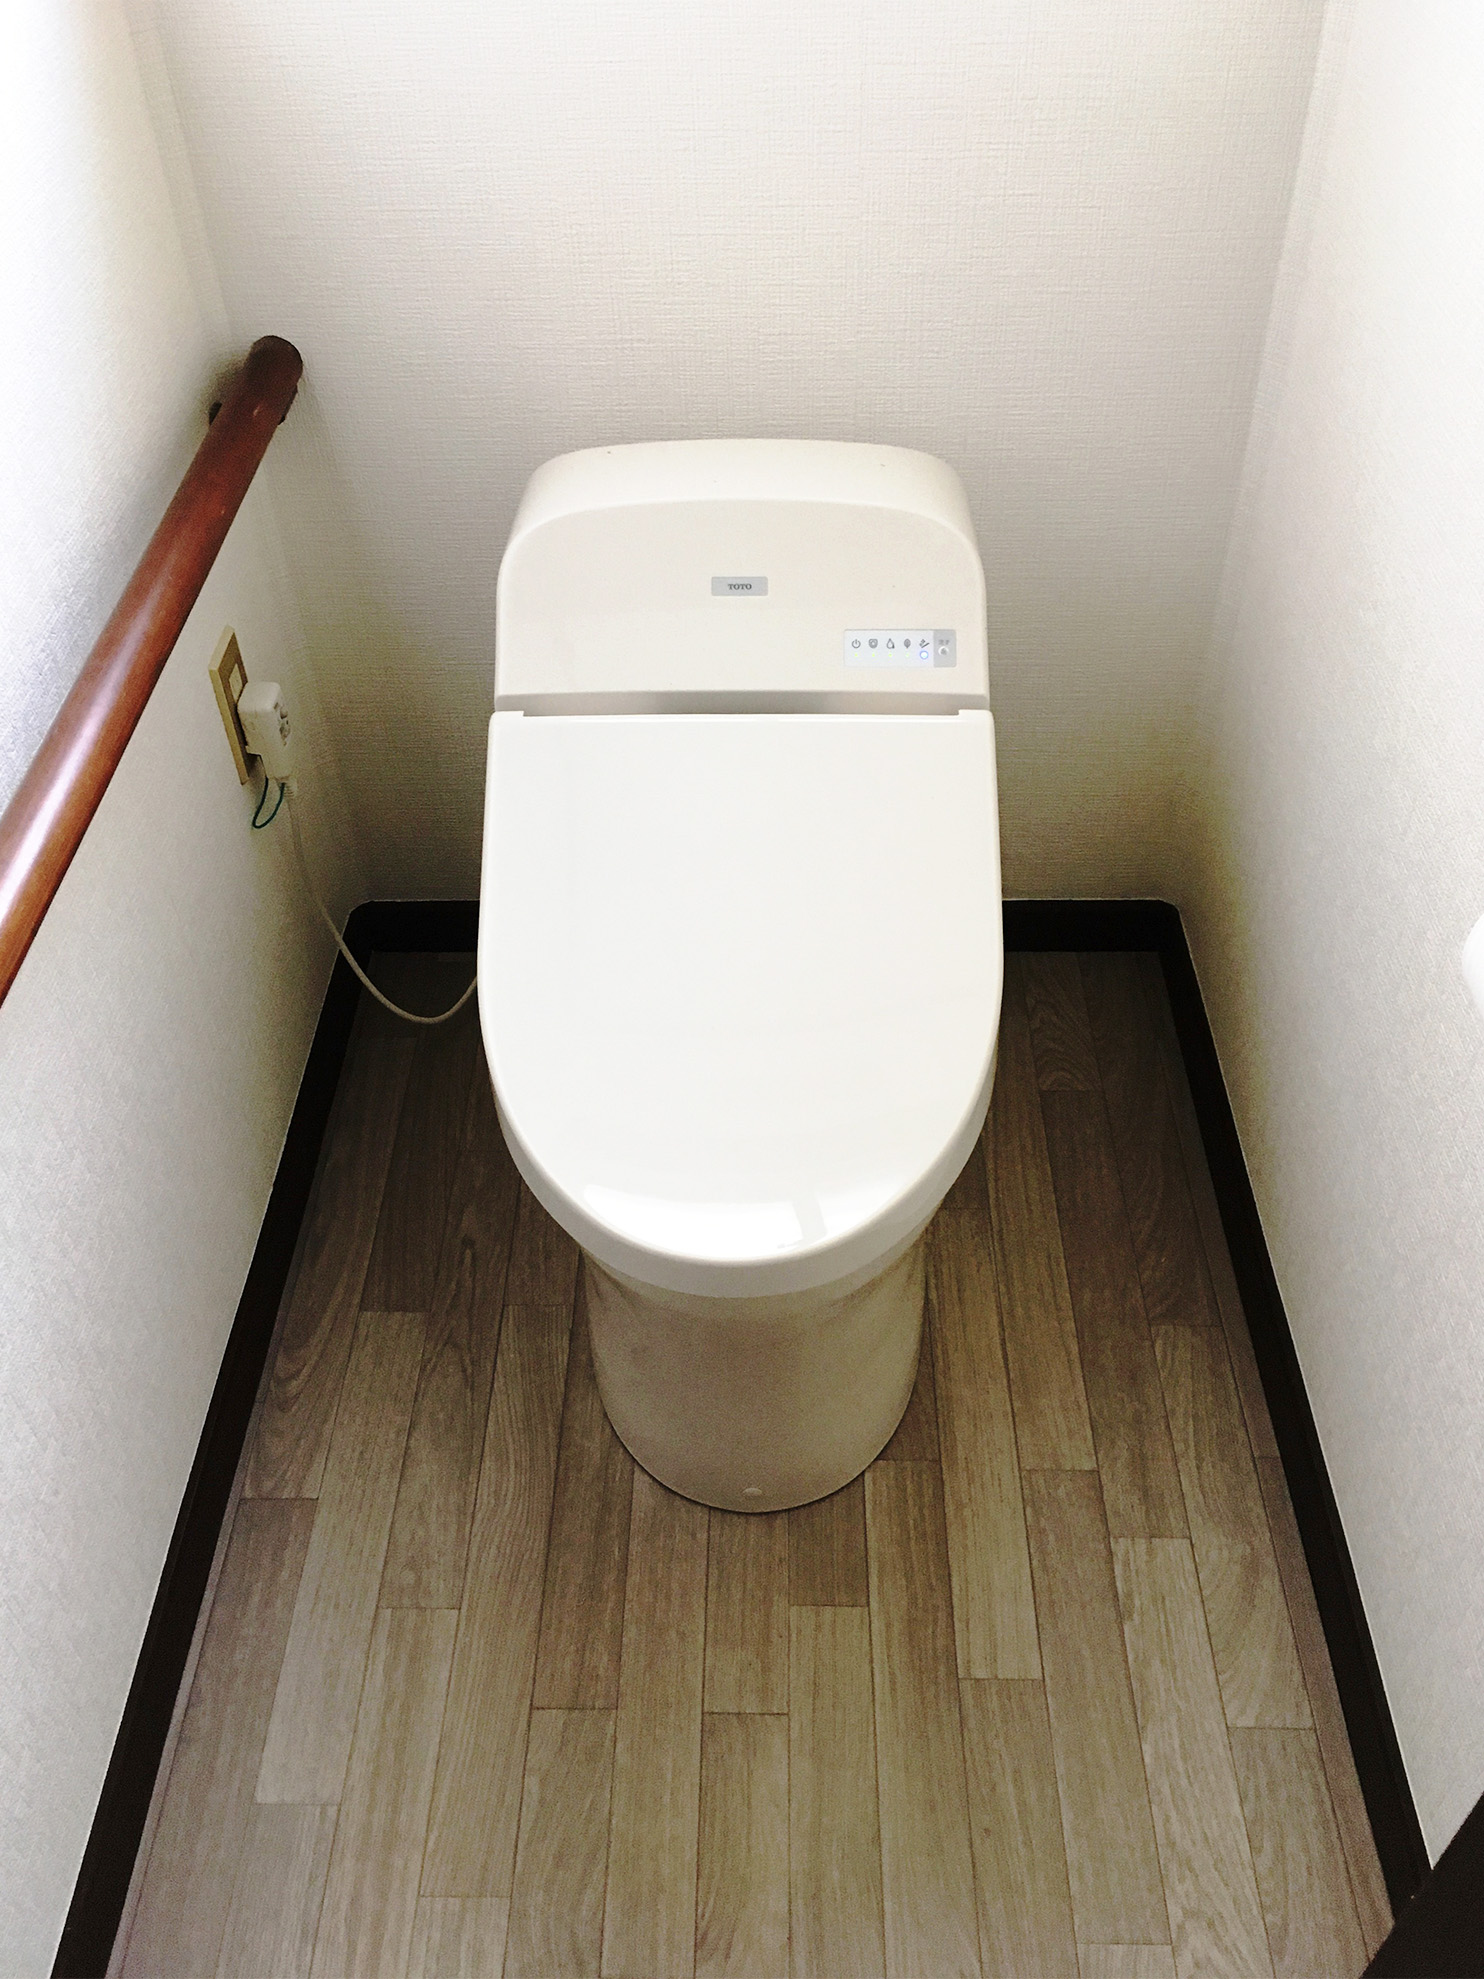 【ダイク株式会社】そろそろ新しいトイレに…と検討していました。